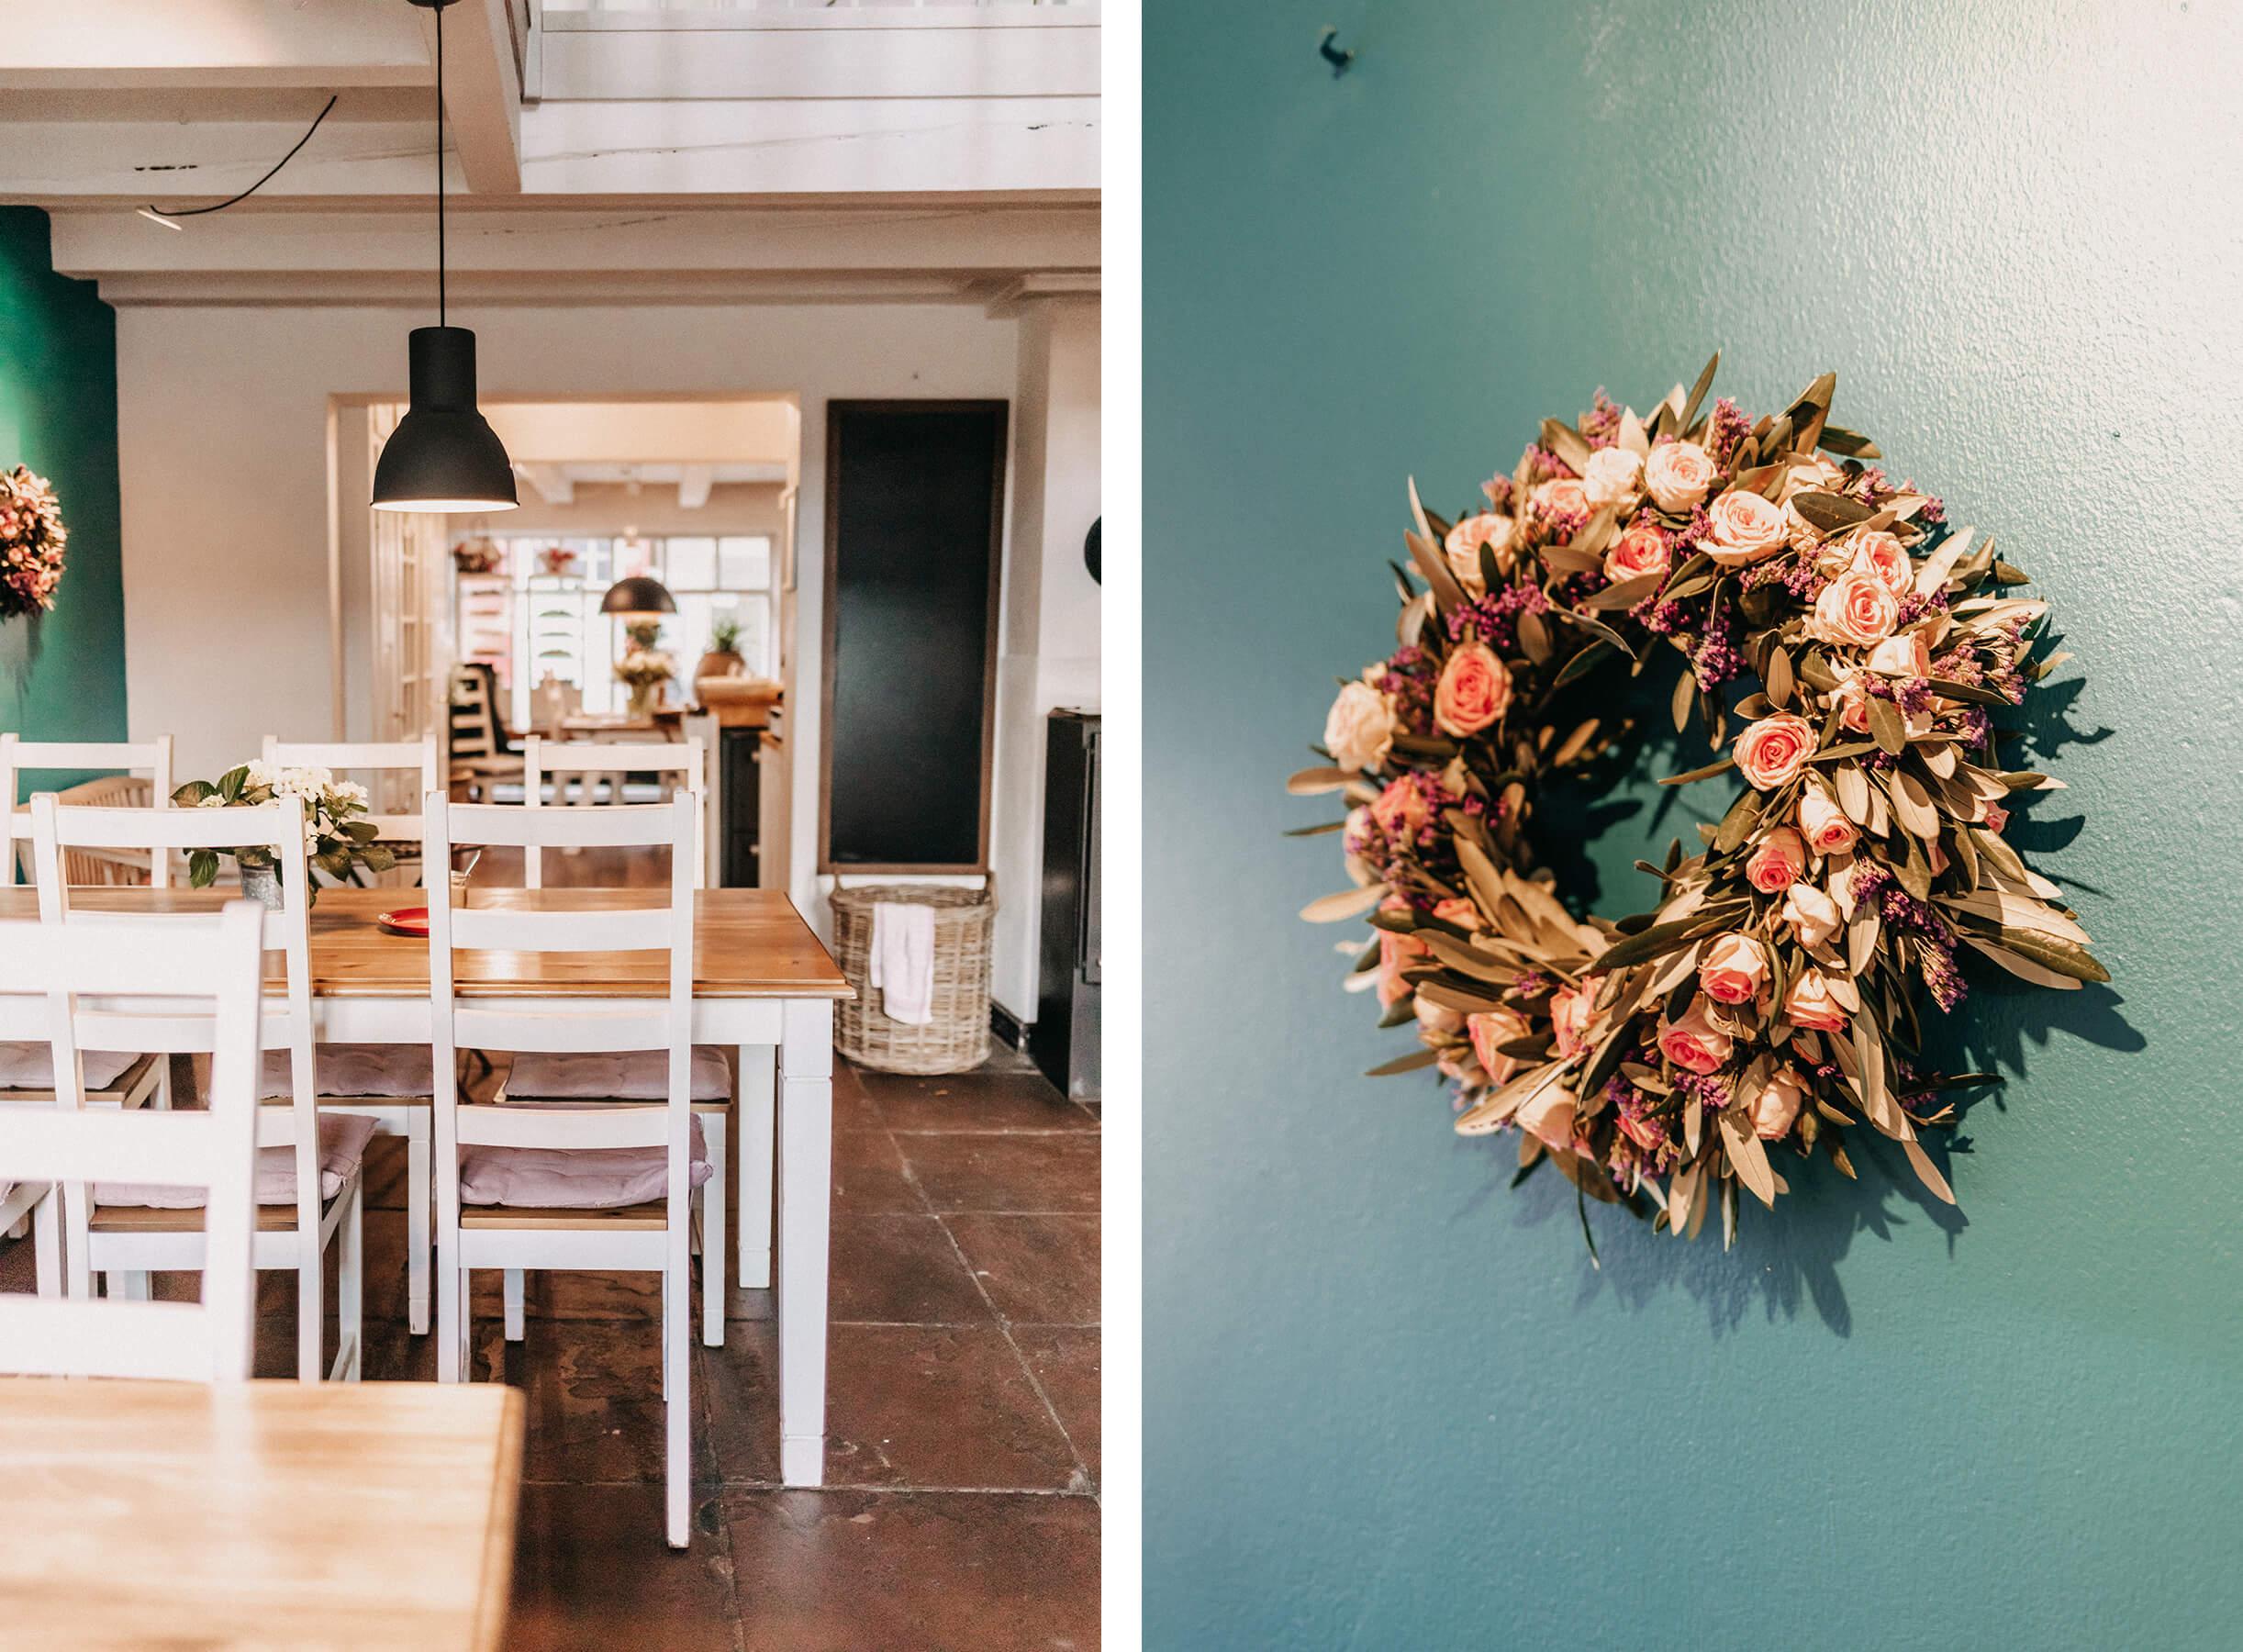 Tische und Stühle und Blumenkranz